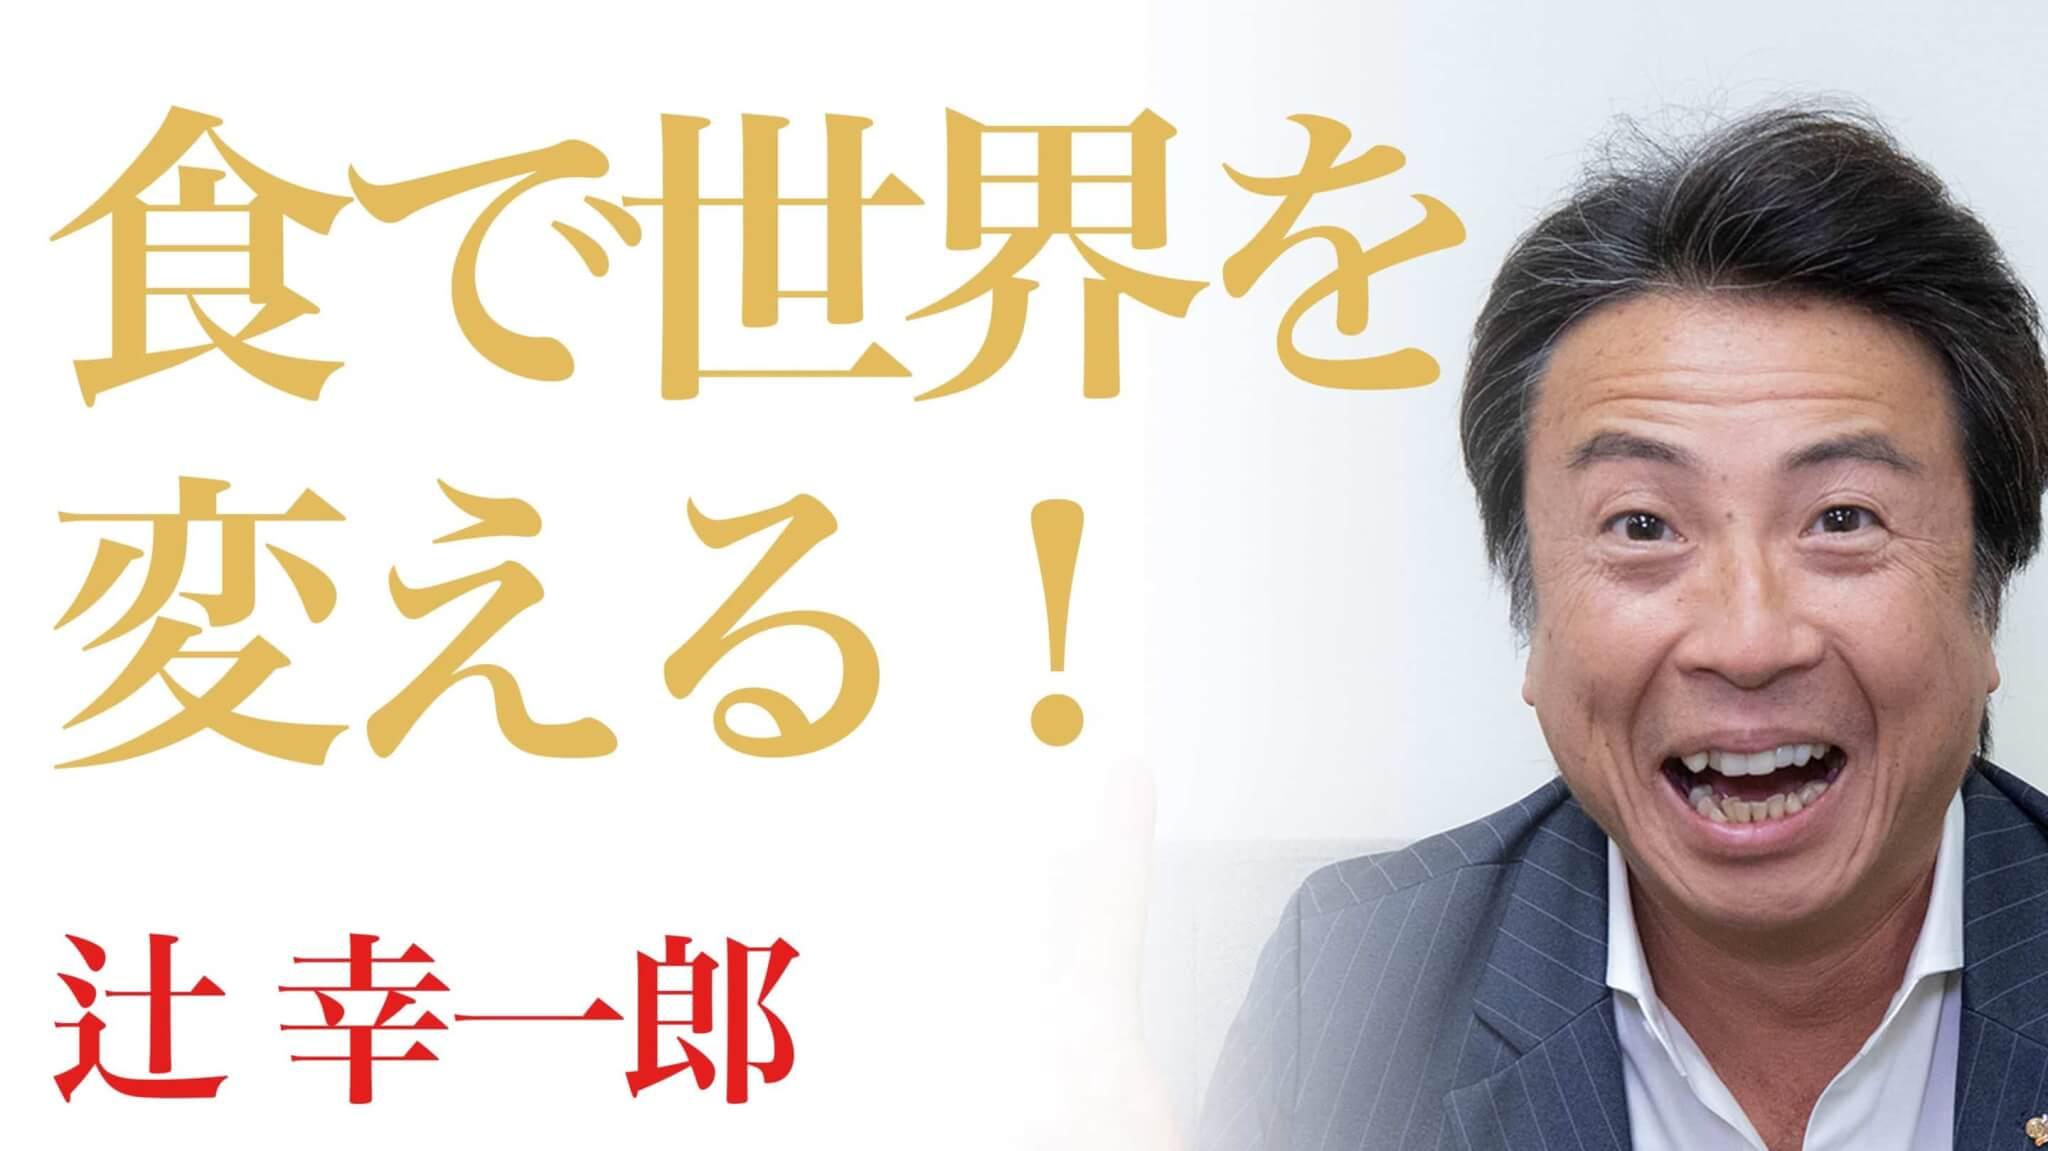 私の経営道 辻安全食品株式会社 辻幸一郎